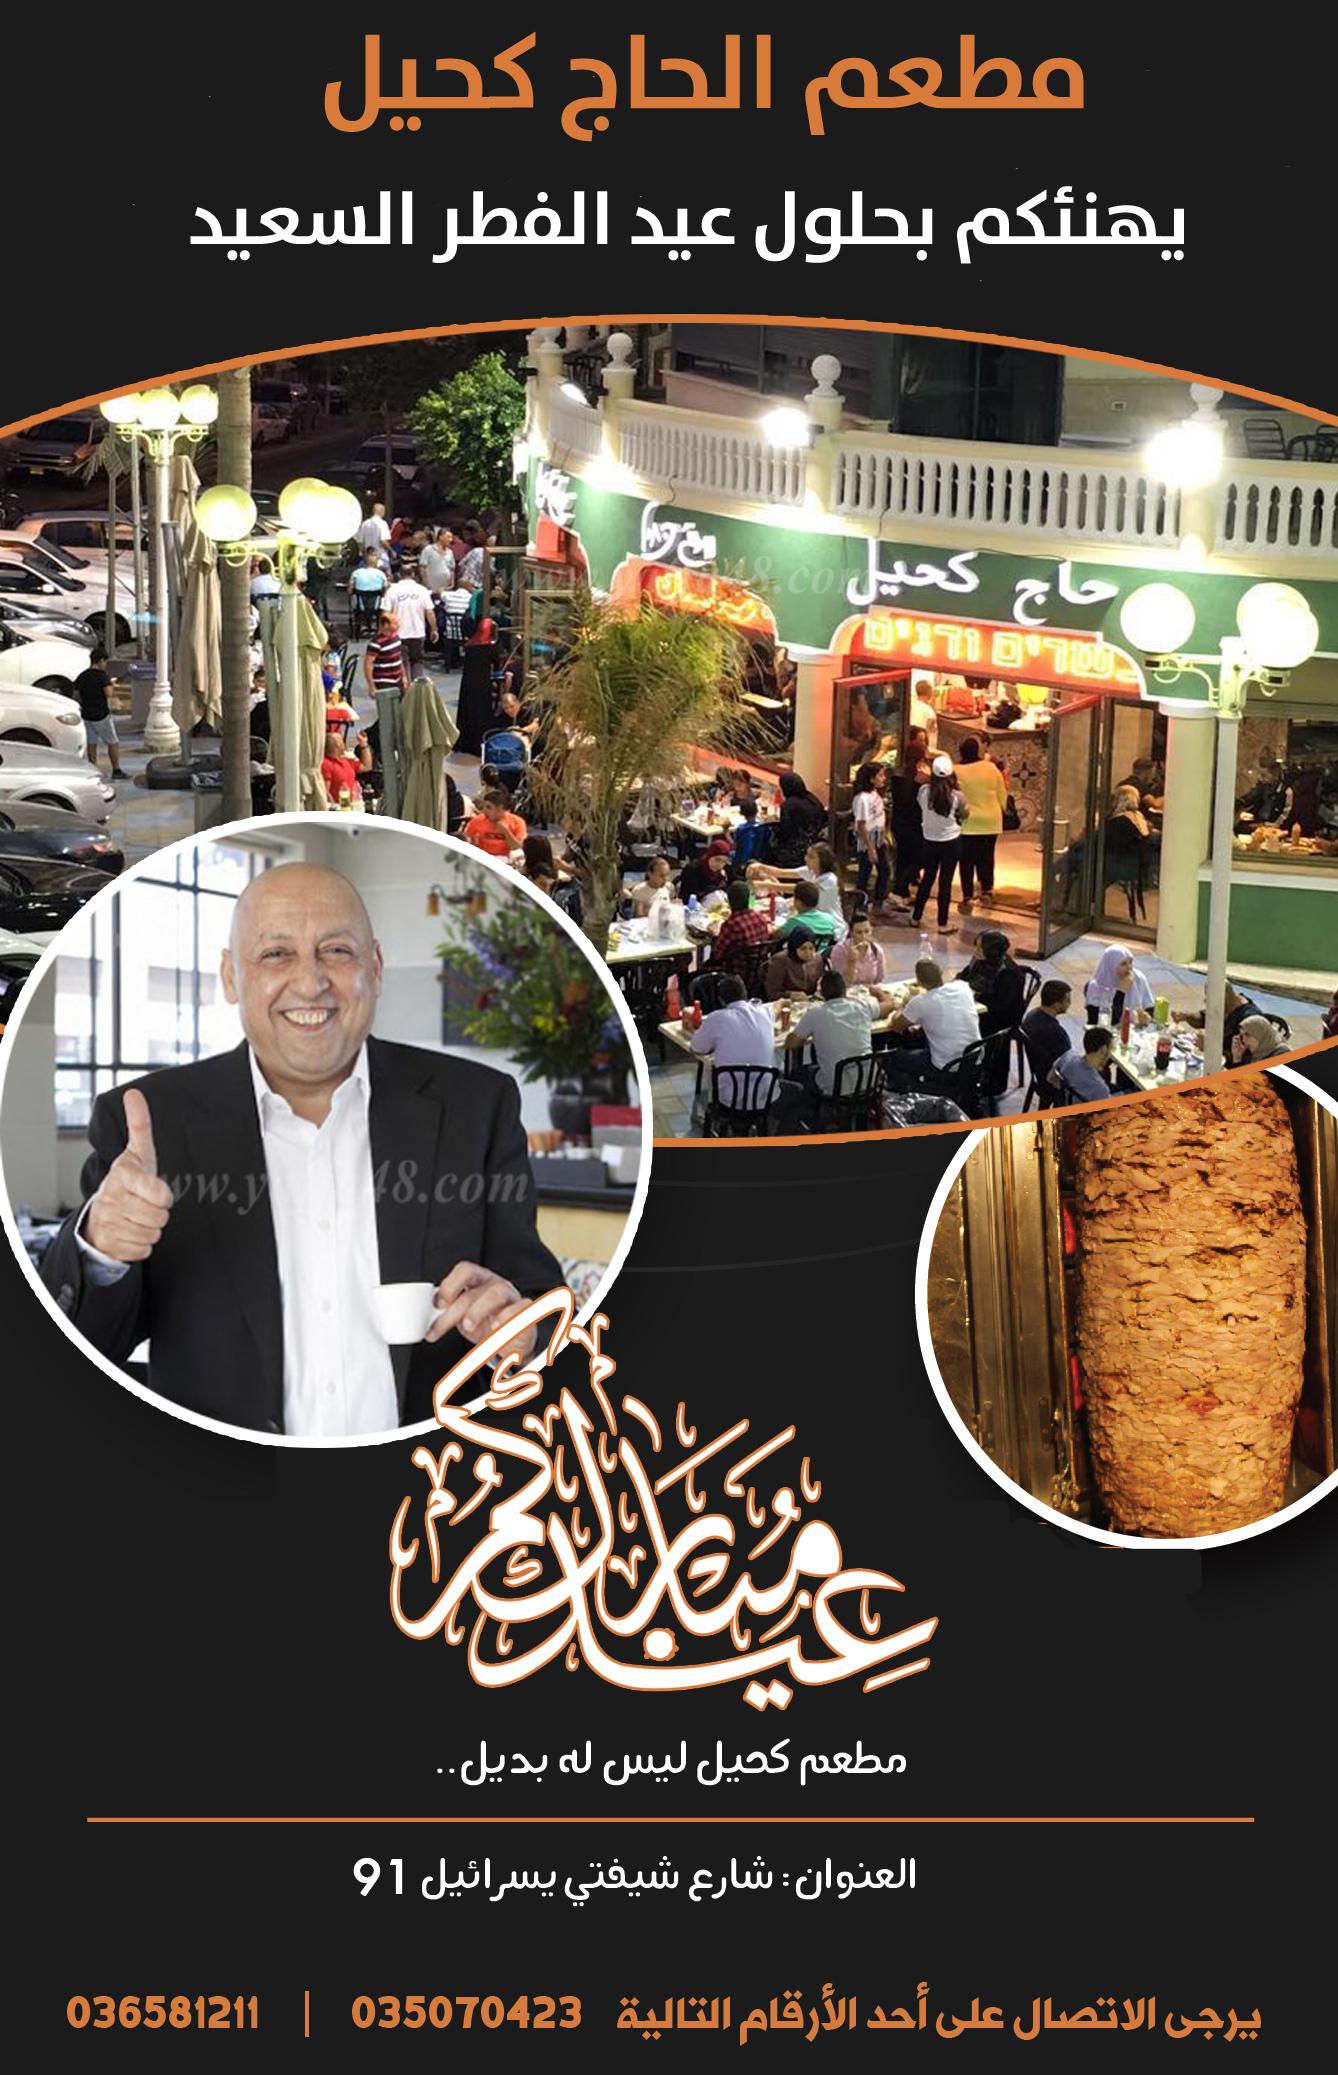 تهنئة من مطعم حاج كحيل في مدينة يافا بمناسبة العيد